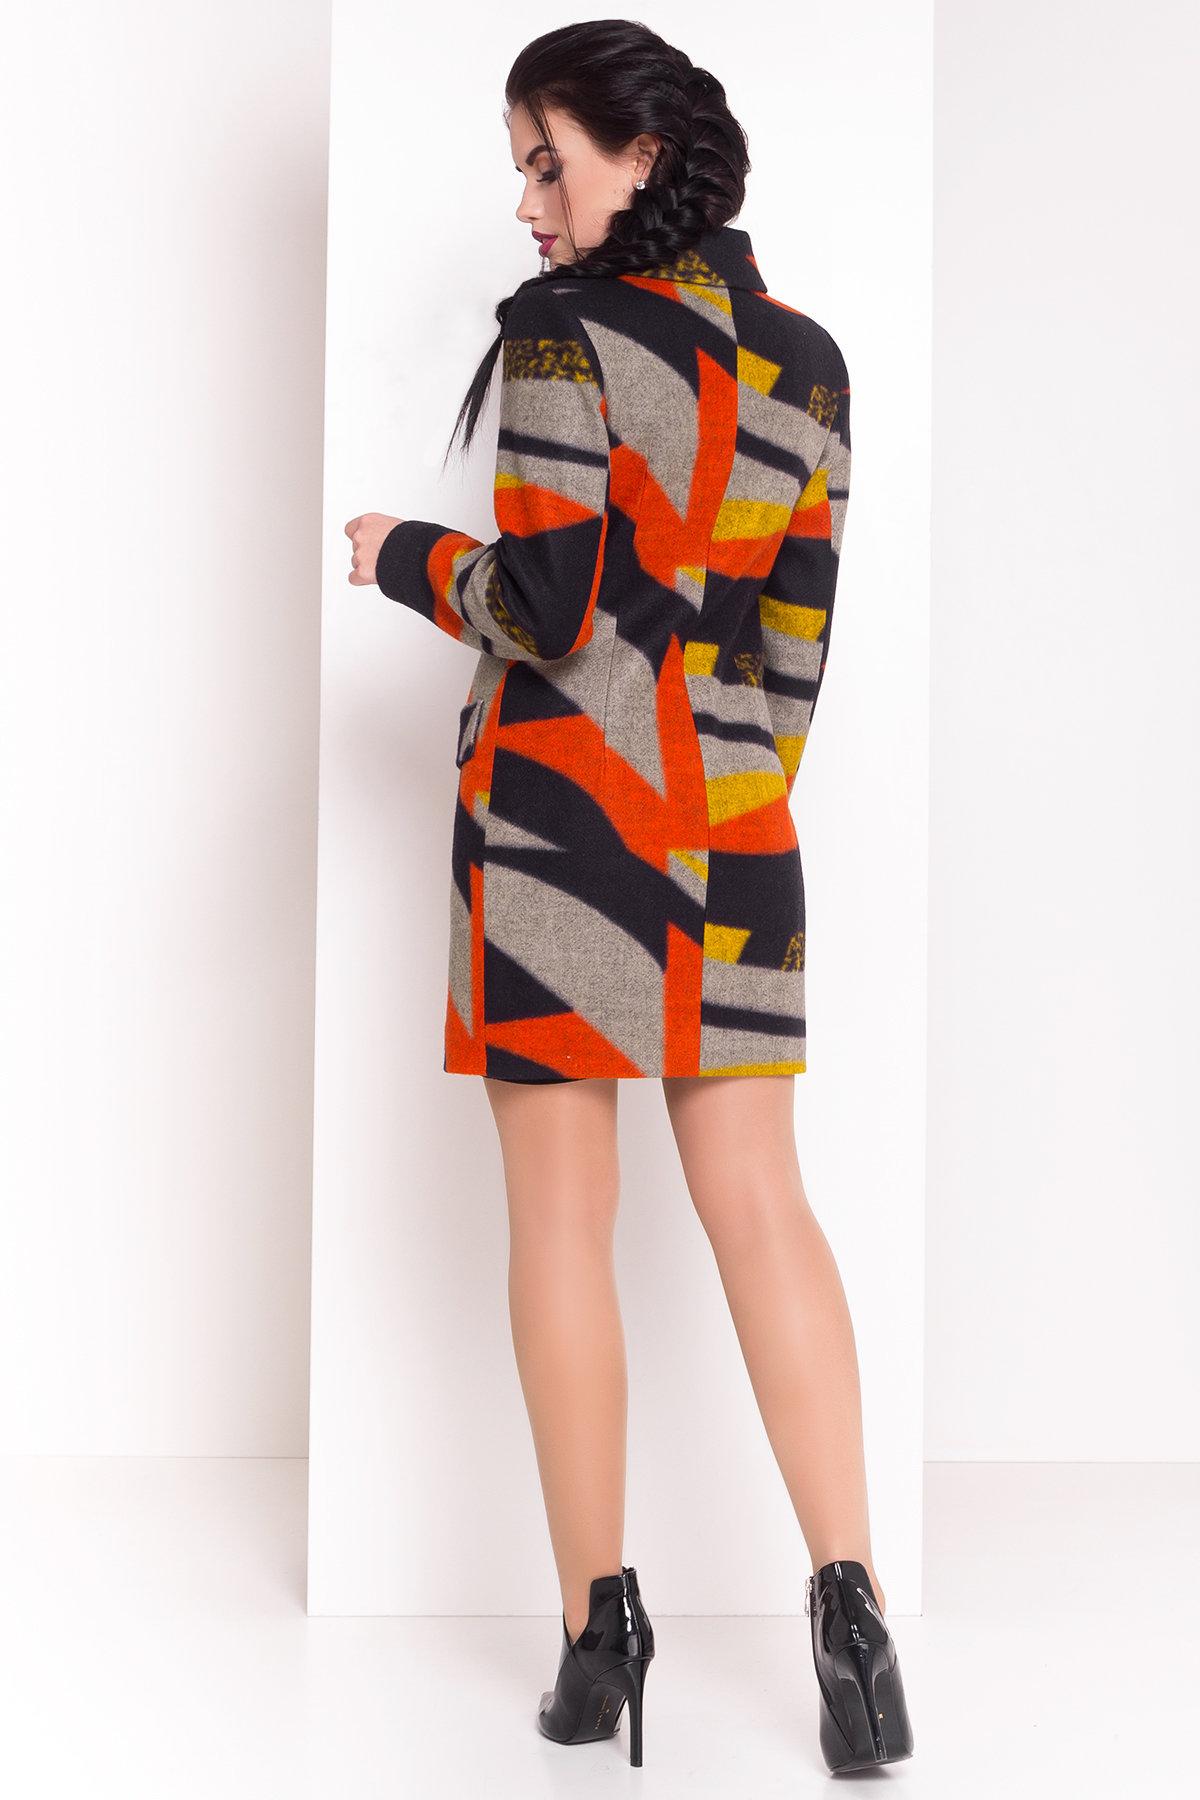 Пальто Микадо 1551  АРТ. 9220 Цвет: Тёмно-синий/серый/теракот/жёлтая-рябь Д1/С1 - фото 3, интернет магазин tm-modus.ru